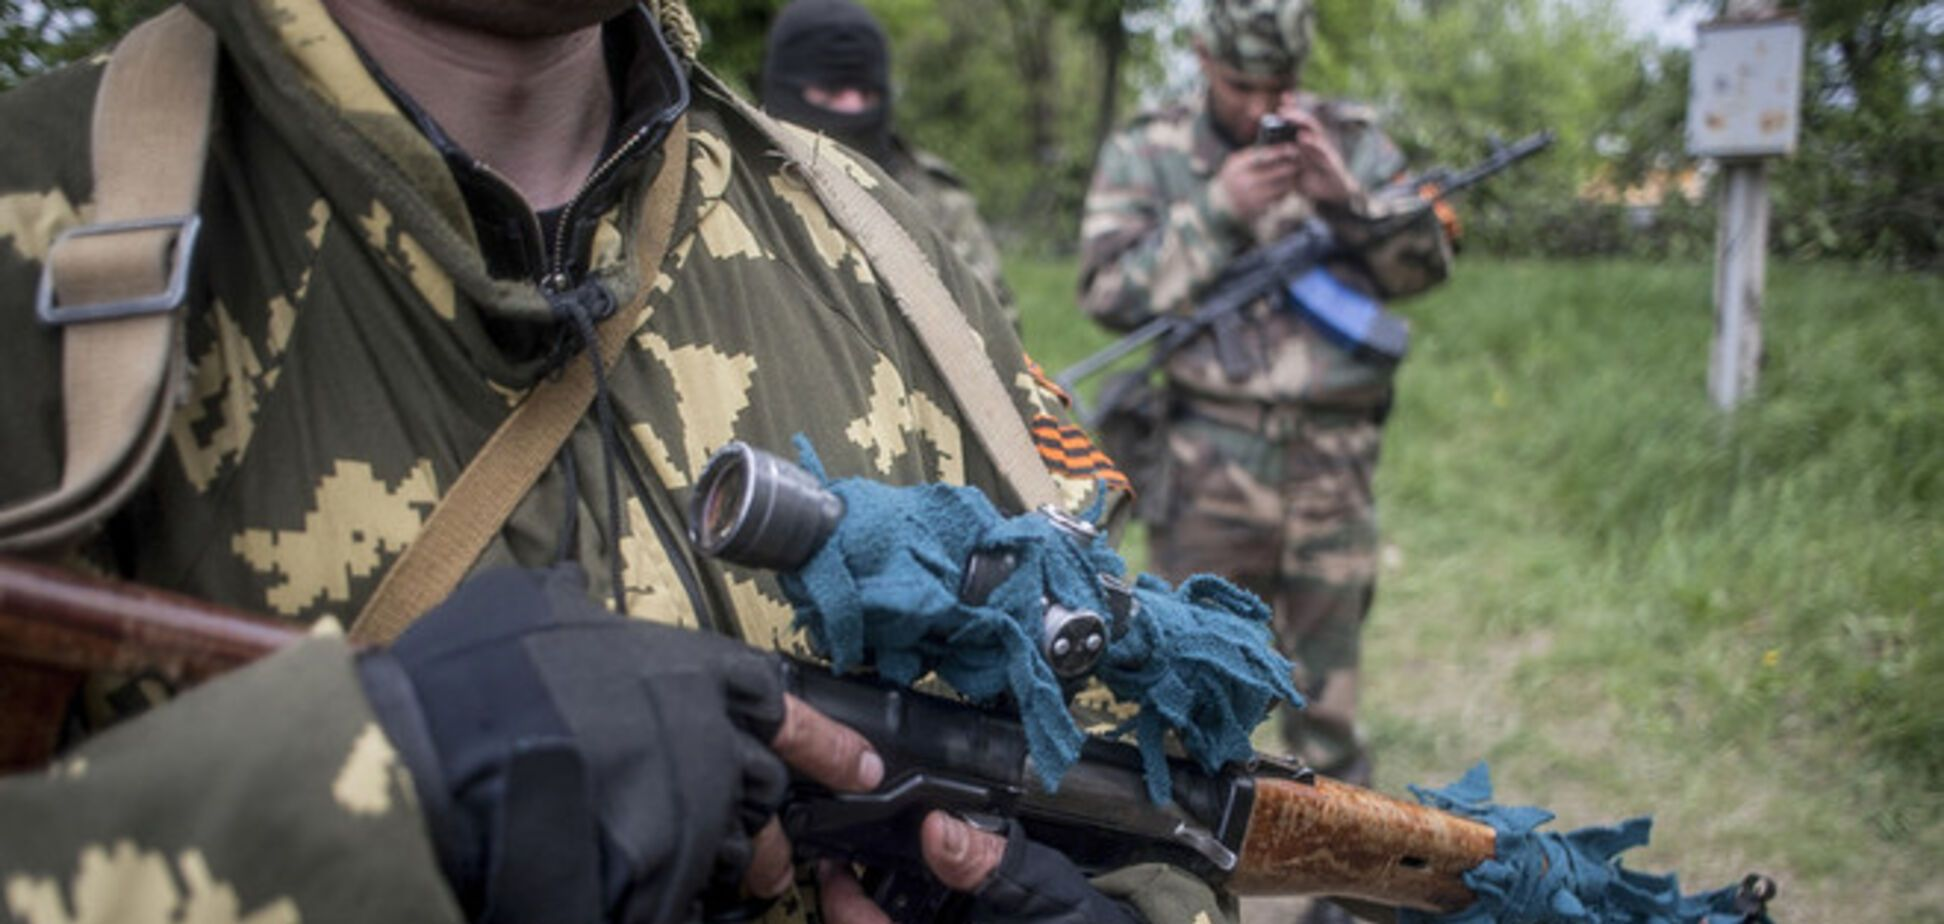 В результате атаки террористов под Краматорском погибли 7 военнослужащих - Минобороны